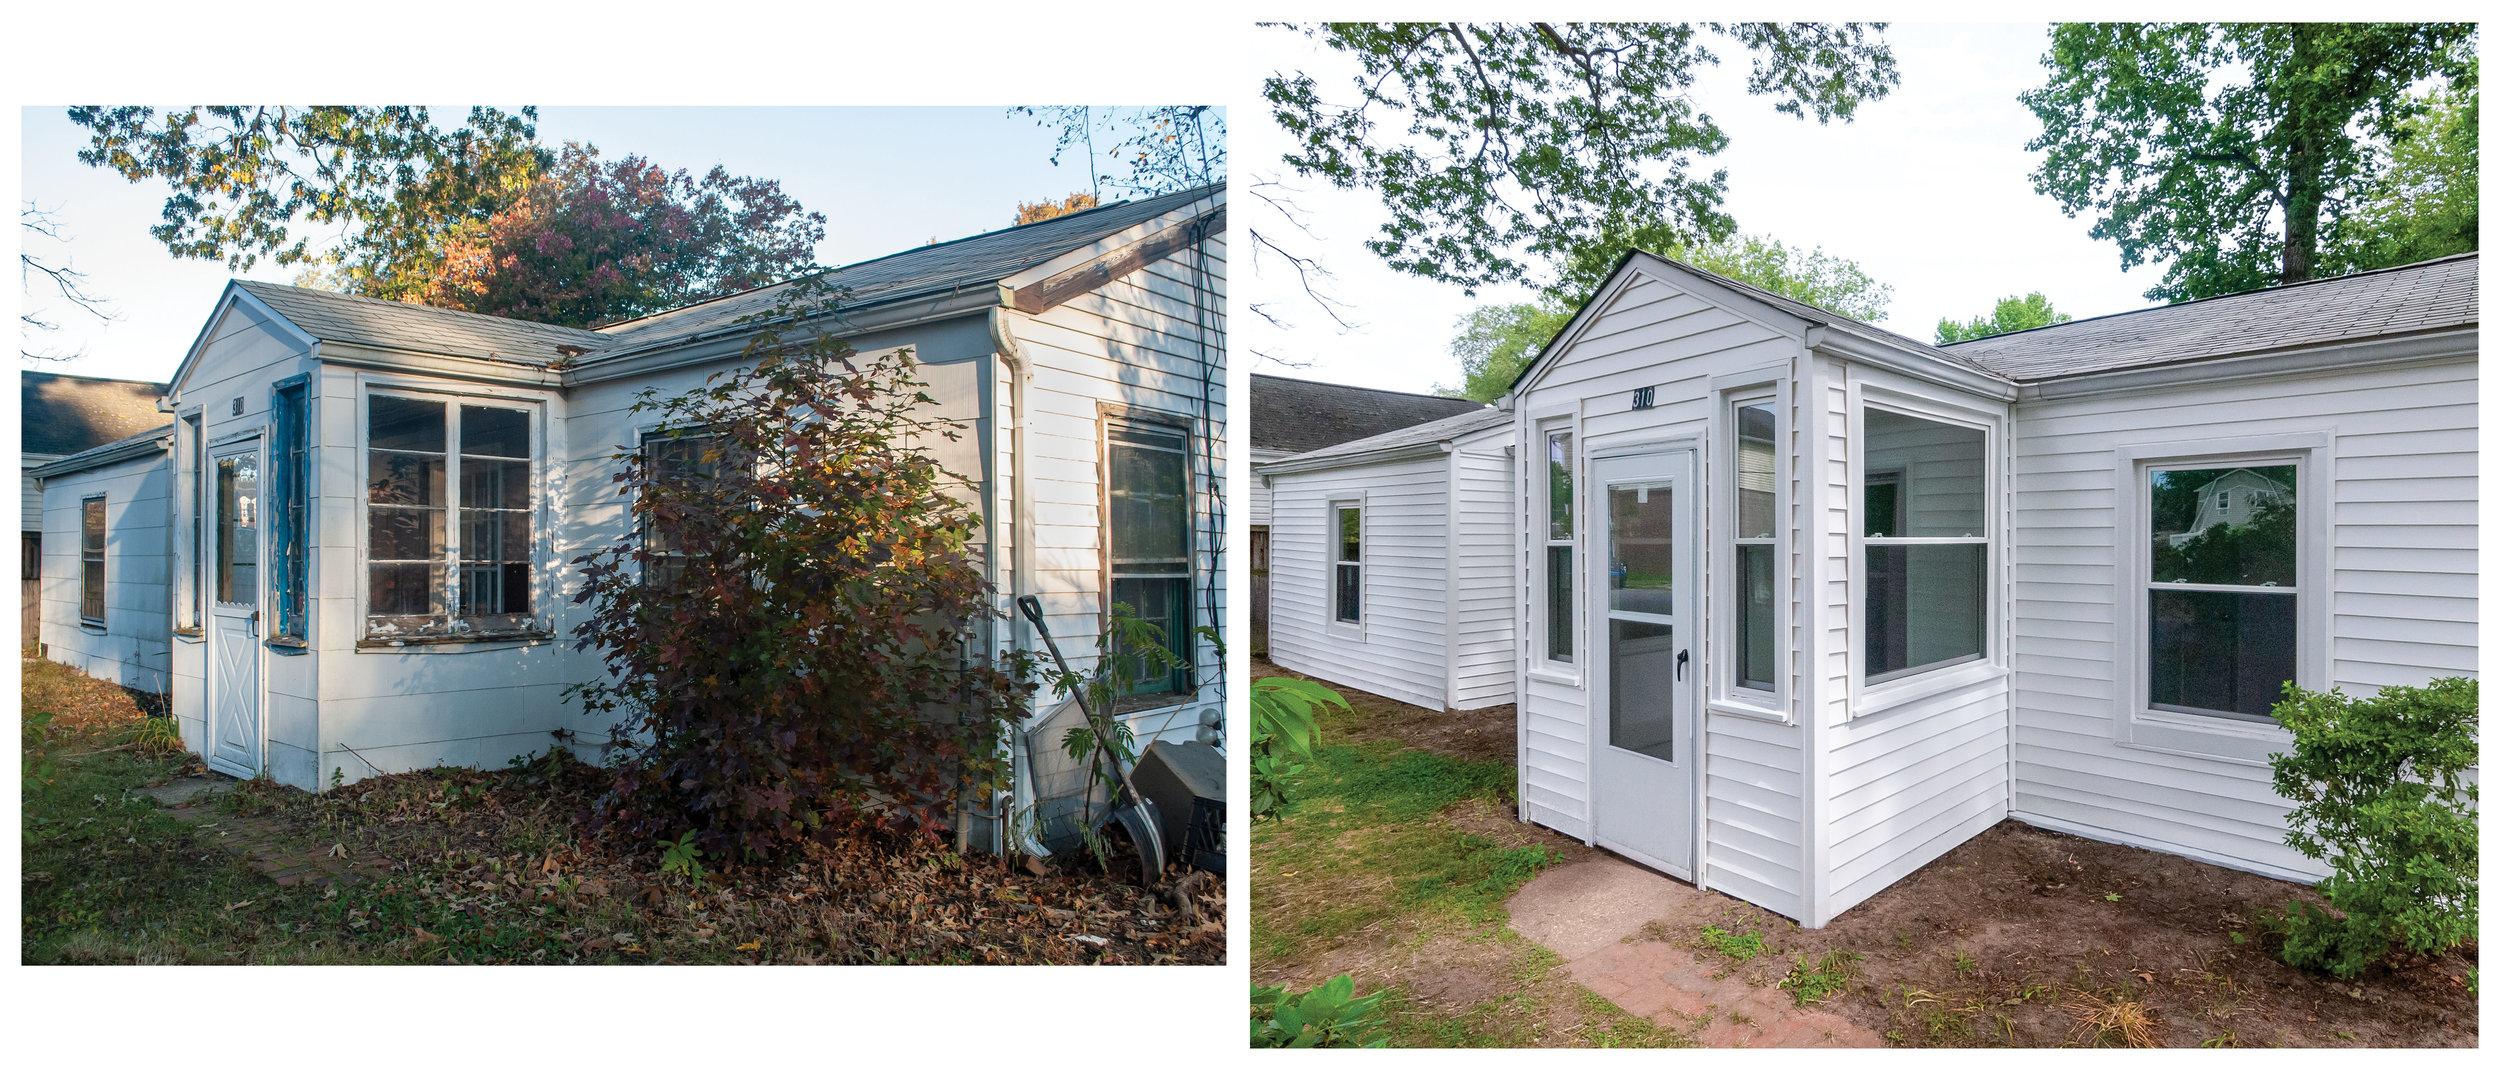 Fairmount exterior comparison.jpg